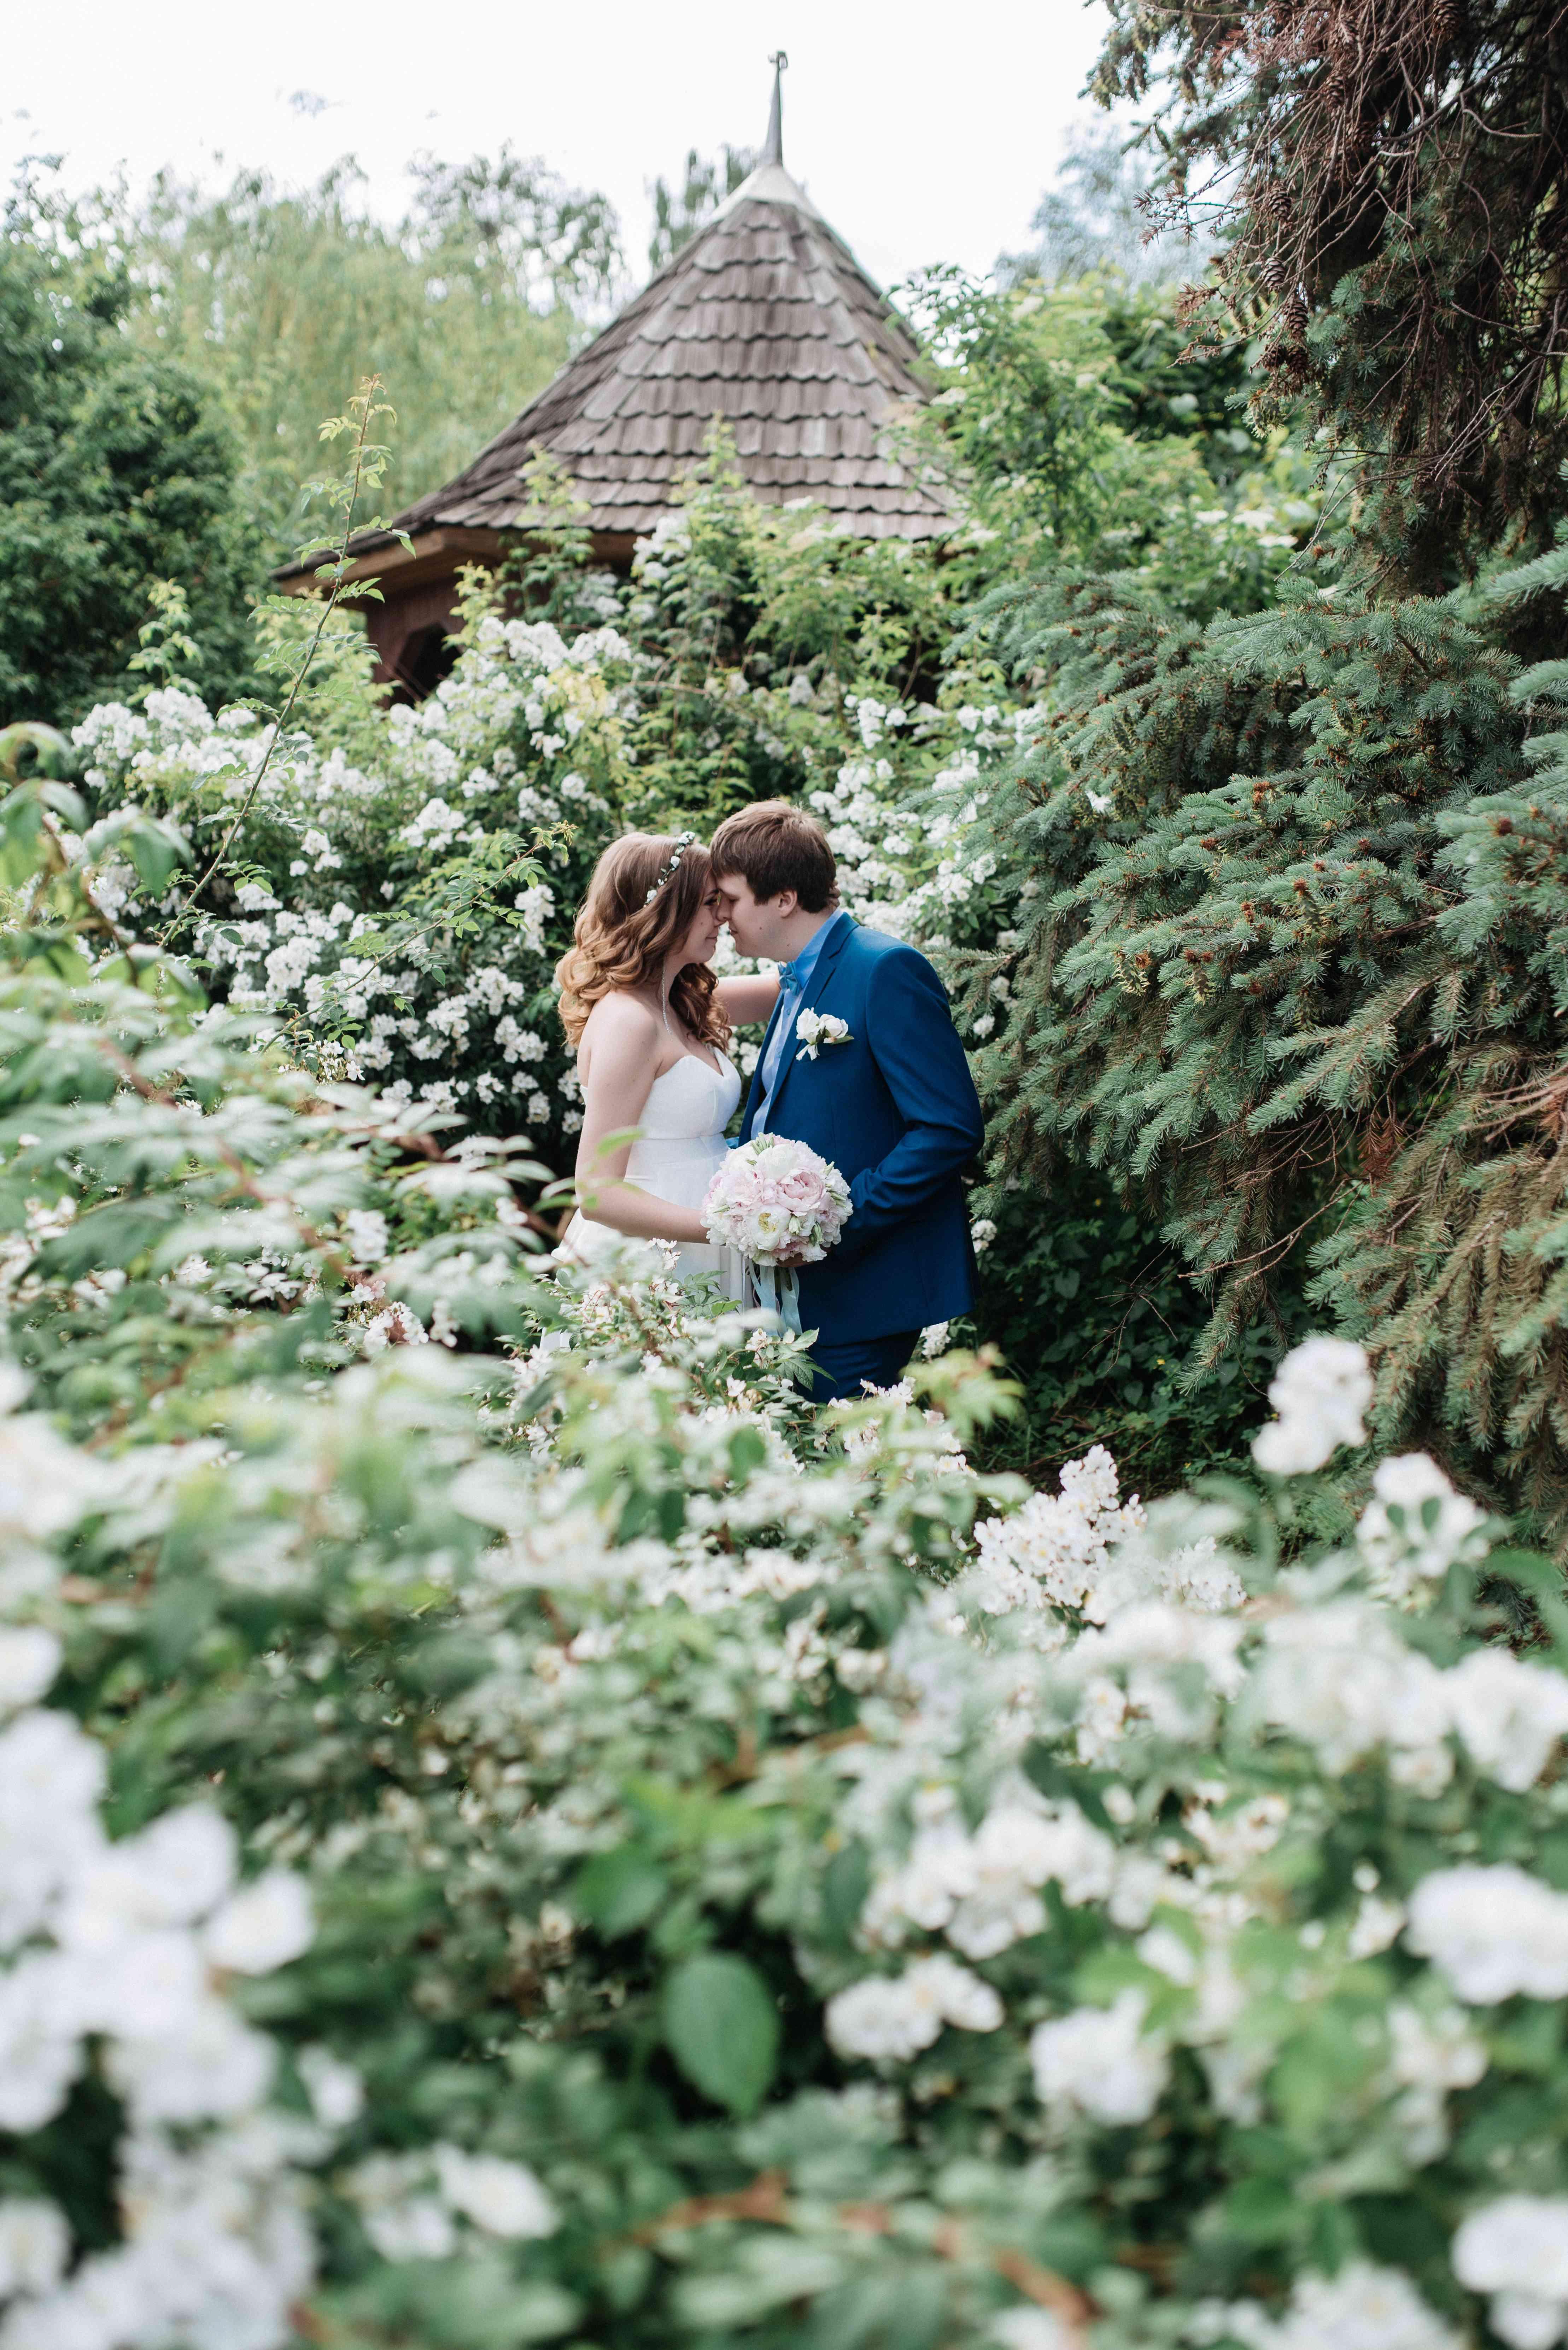 любовь, море цветов, романтика